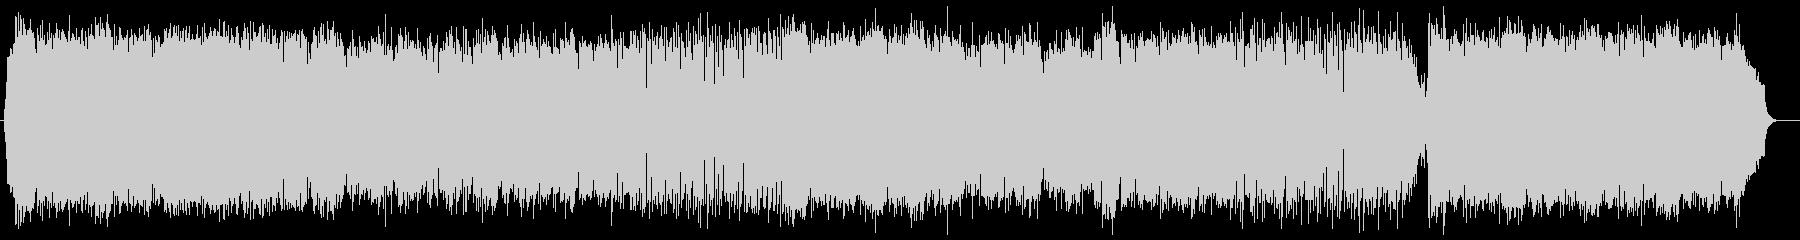 神秘的で美しいシンセサイザーサウンドの未再生の波形